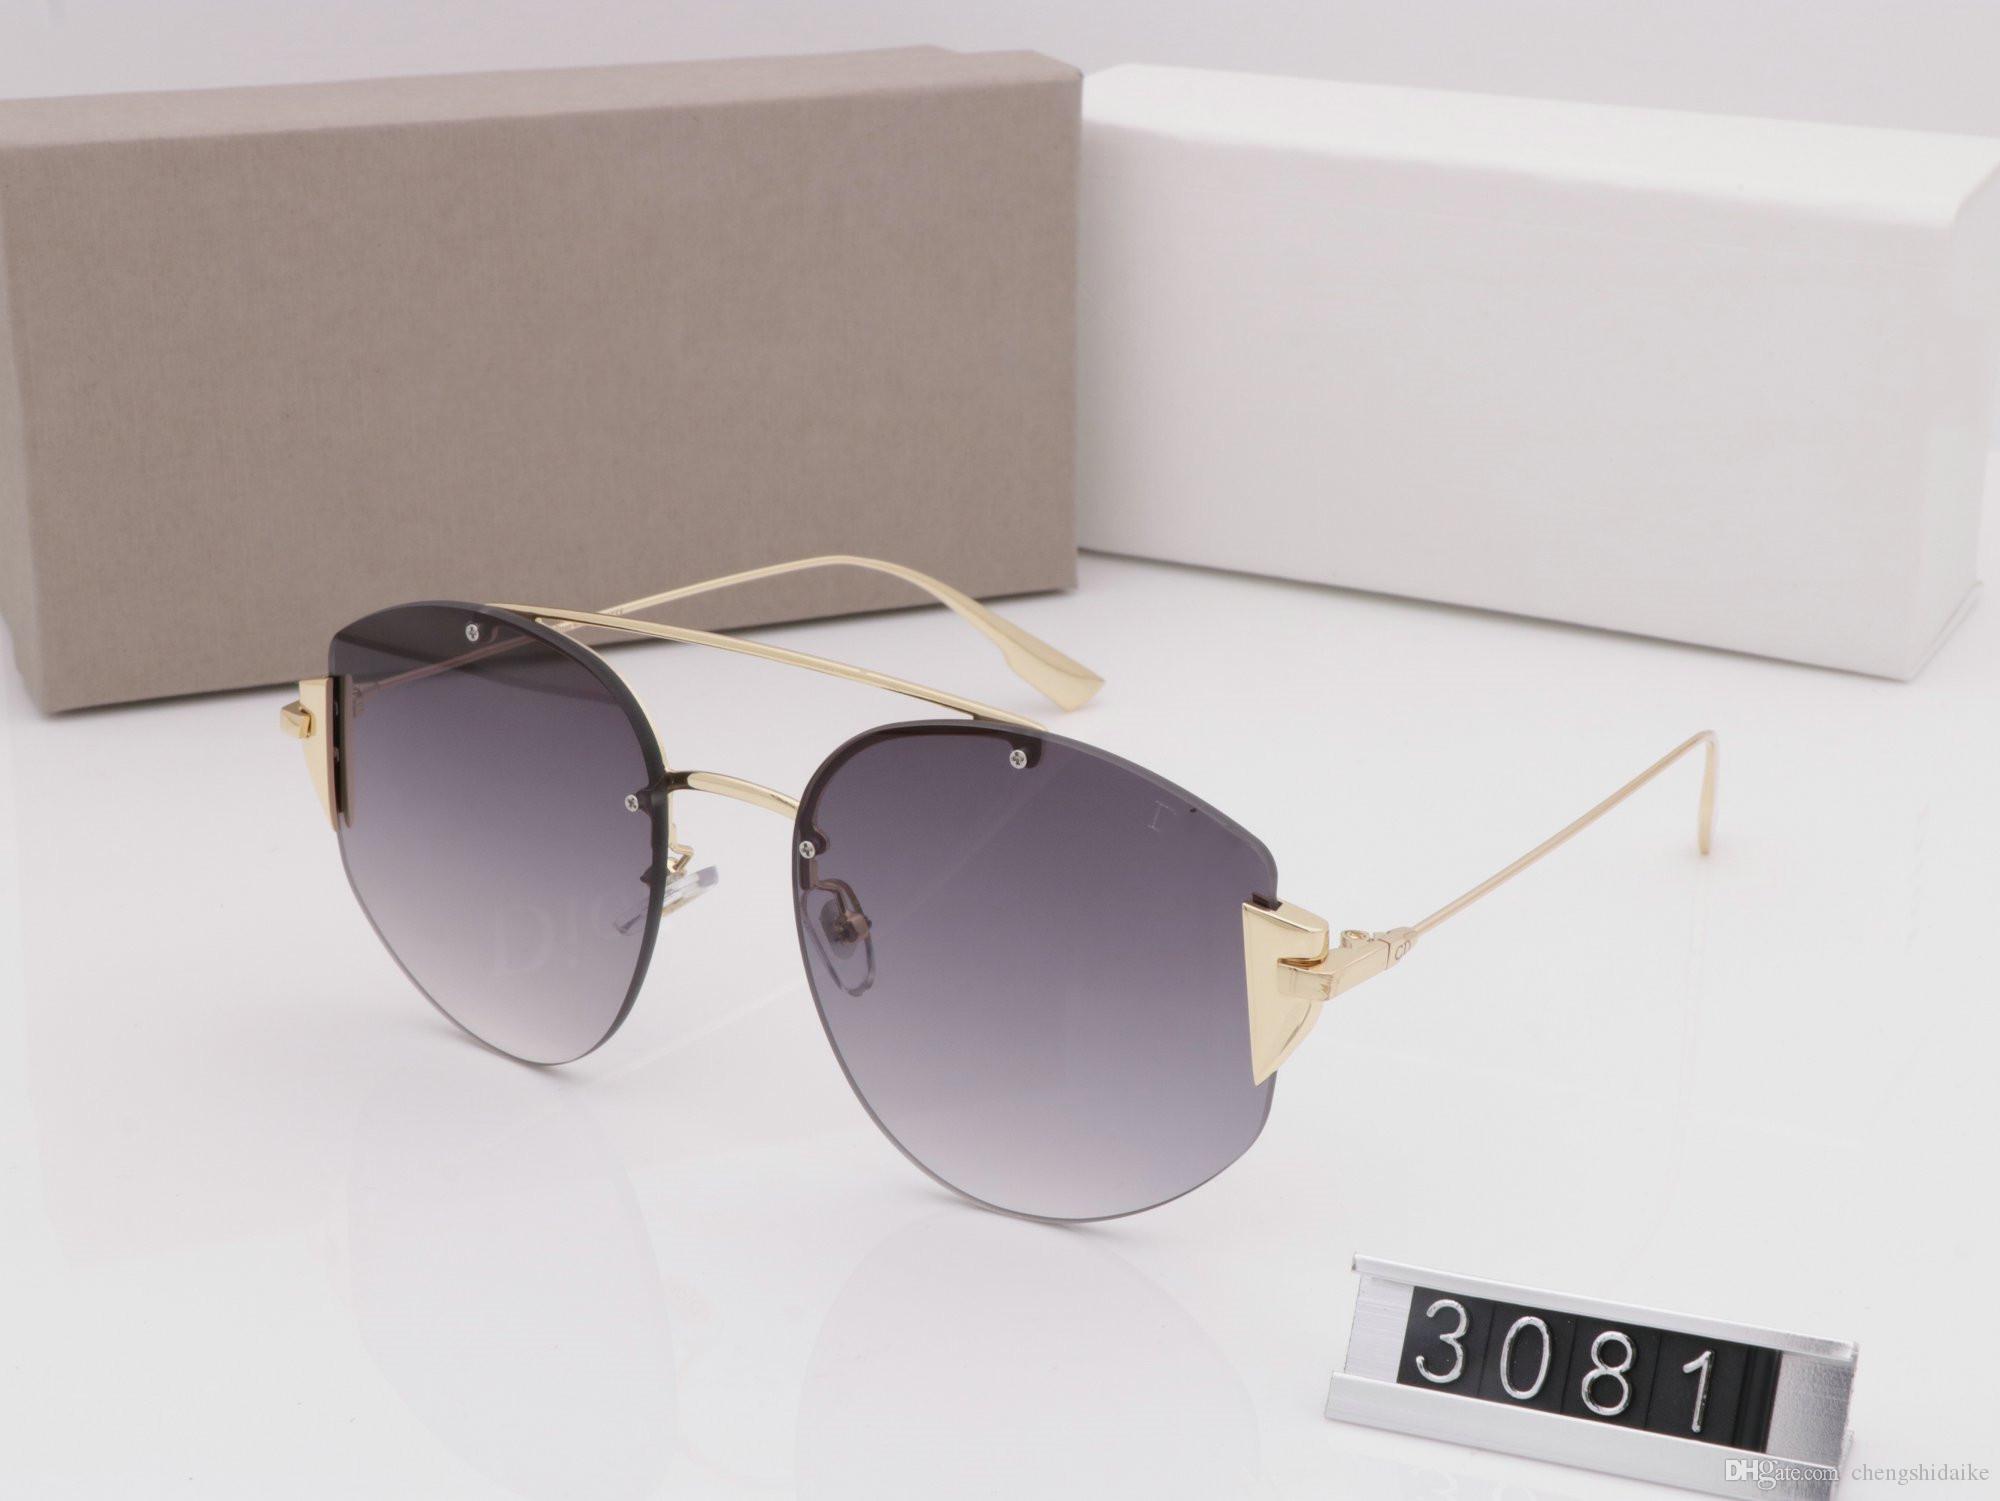 Charming Sonnenbrille Frauen Luxury Für Cat Eye 3081 Großhandel Nk80wXZOnP